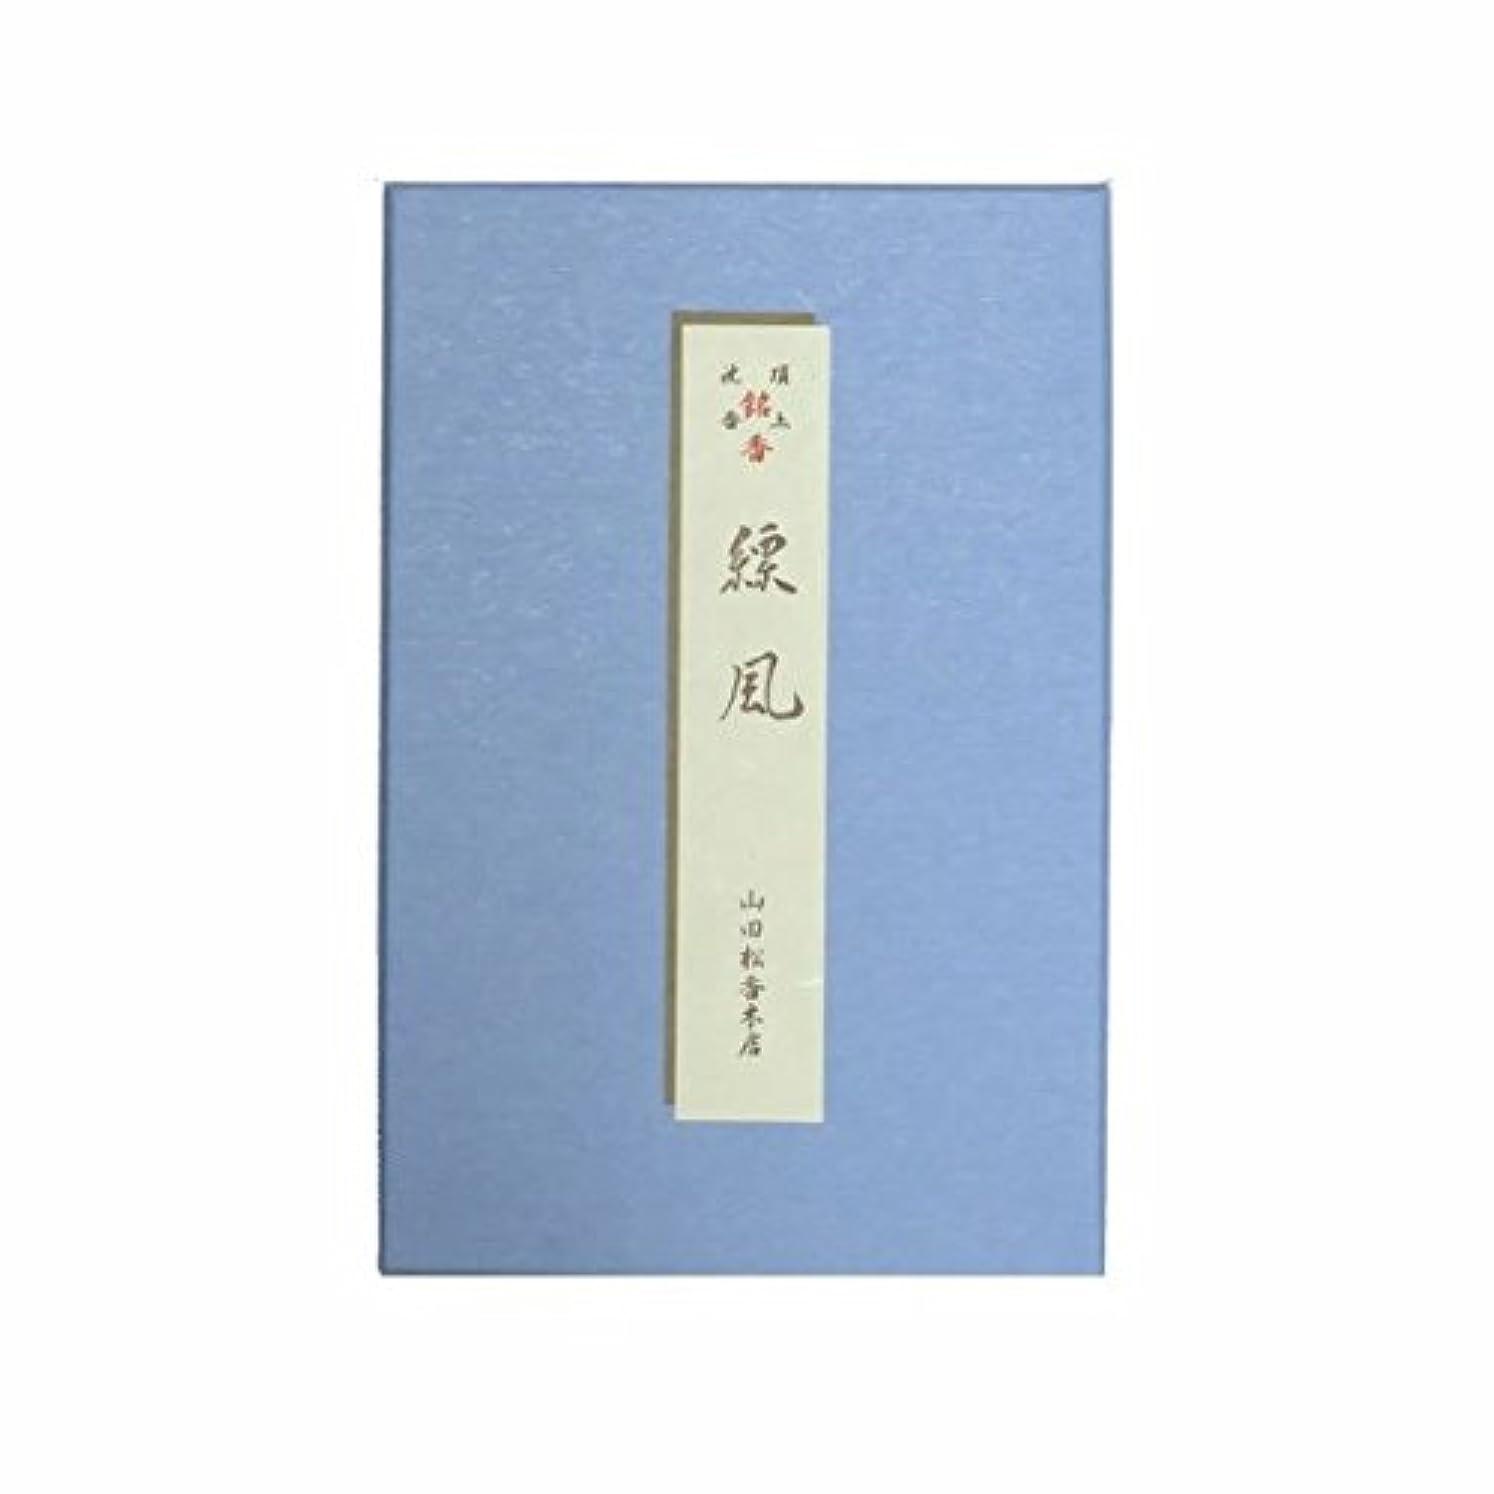 メイトインフルエンザコンパニオン縹風 短寸 バラ詰